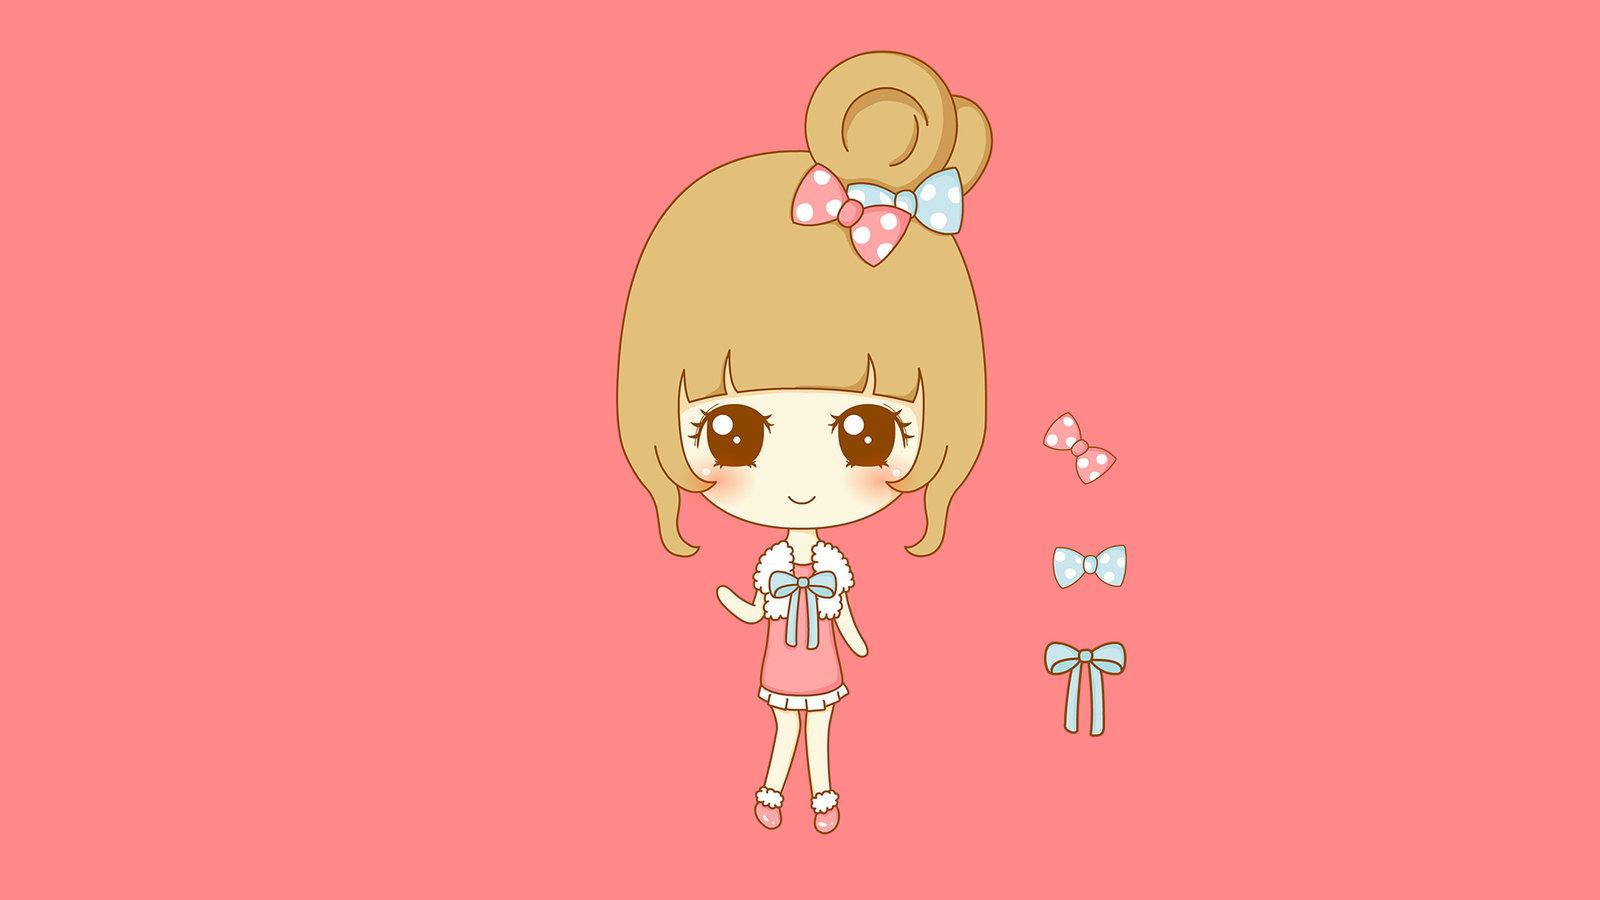 有个关于十二宫的黄色小�_有一个小女孩头发是黄色,发型上有各类蝴蝶结,叫什么啊?